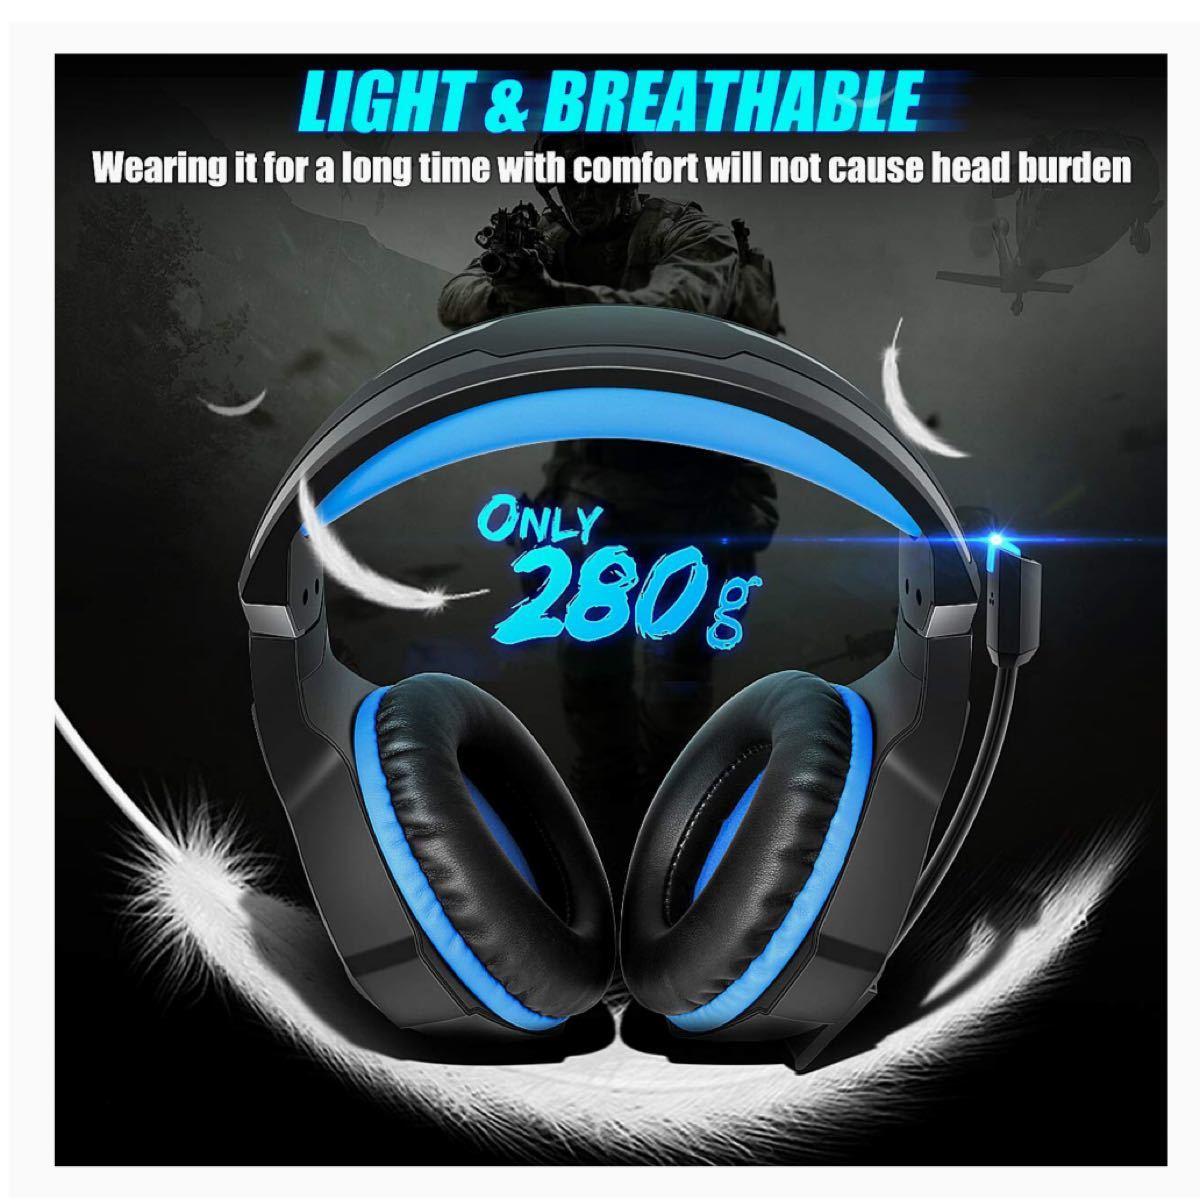 ゲーミングヘッドセット ps4 ヘッドセット ゲーム用ヘッドセット LEDマイク付き 有線 超軽量 通気 高音質